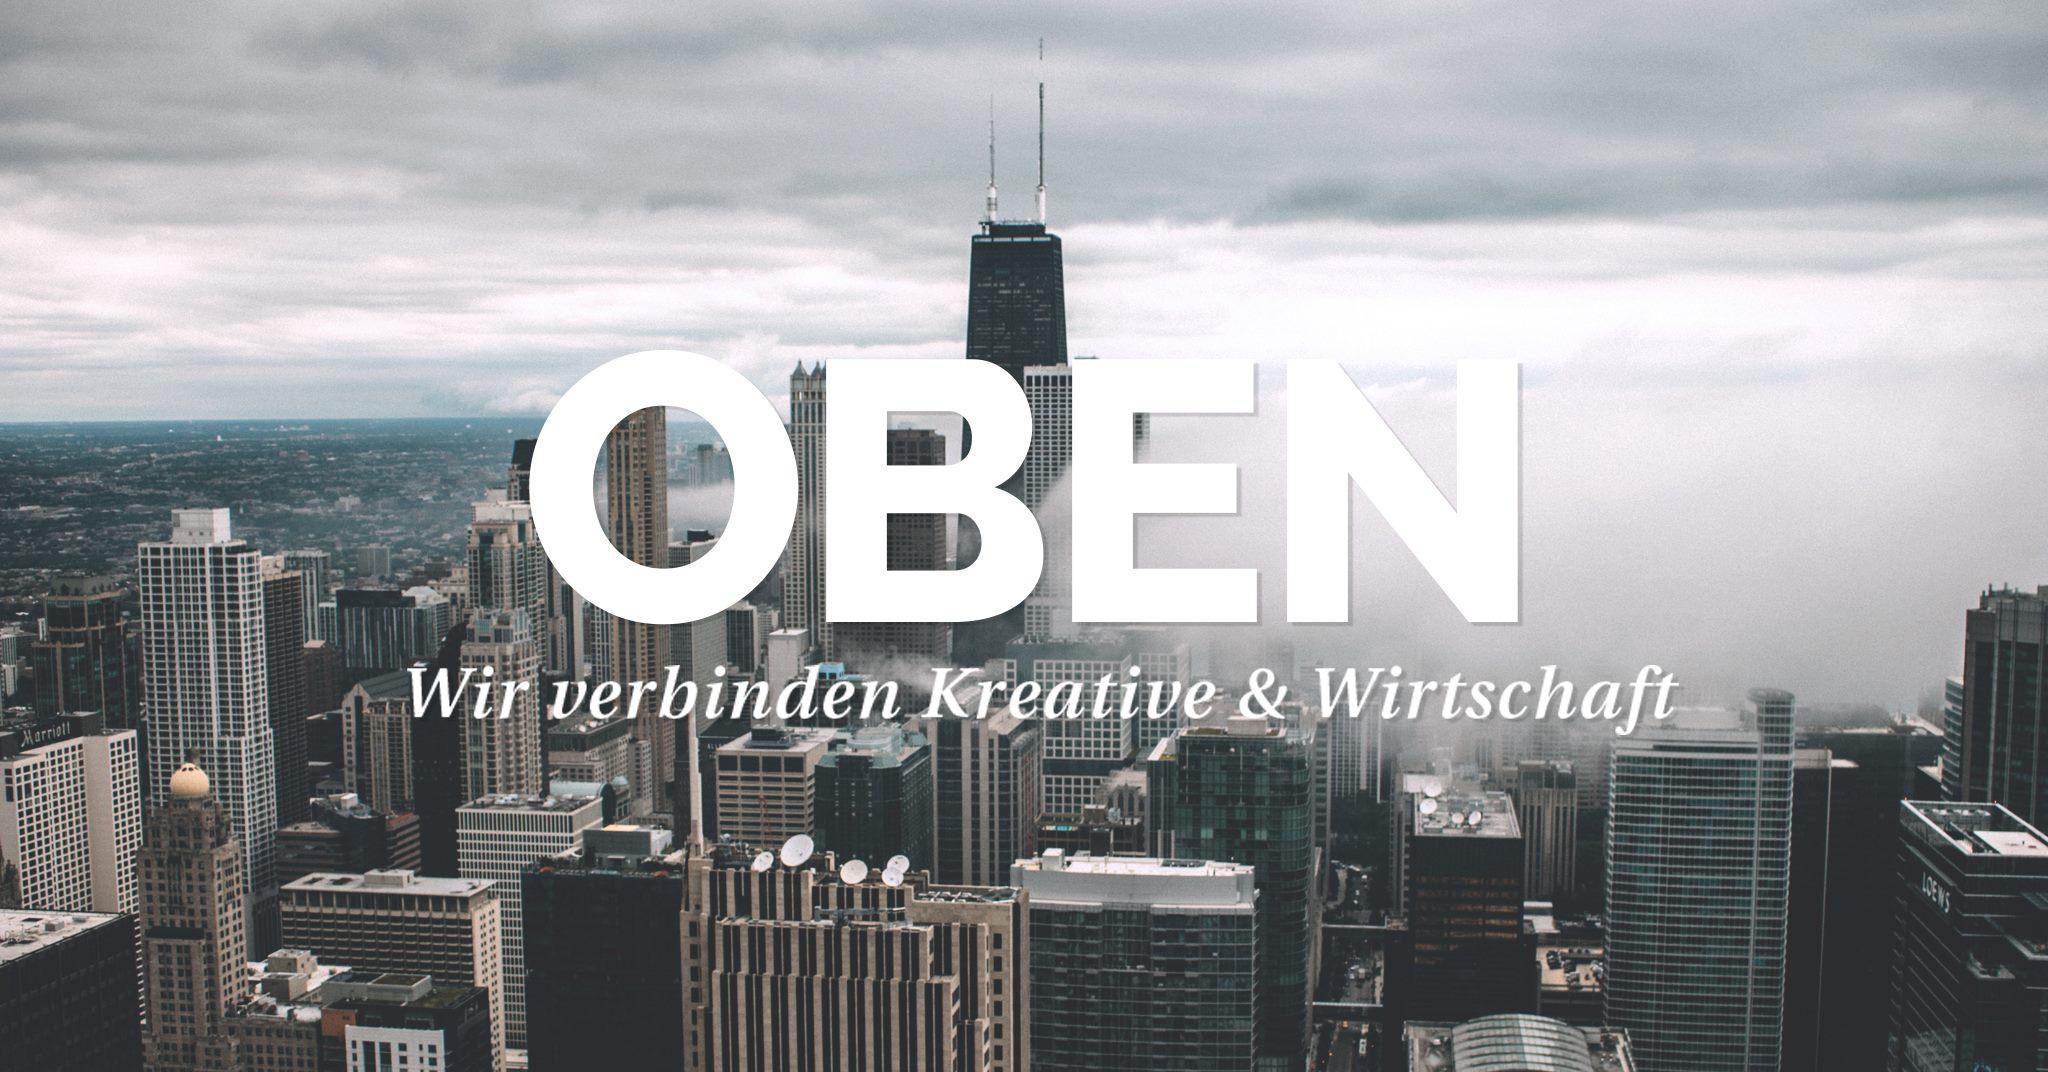 OBEN - wir verbinden Kreative & Wirtschaft, Afterwork